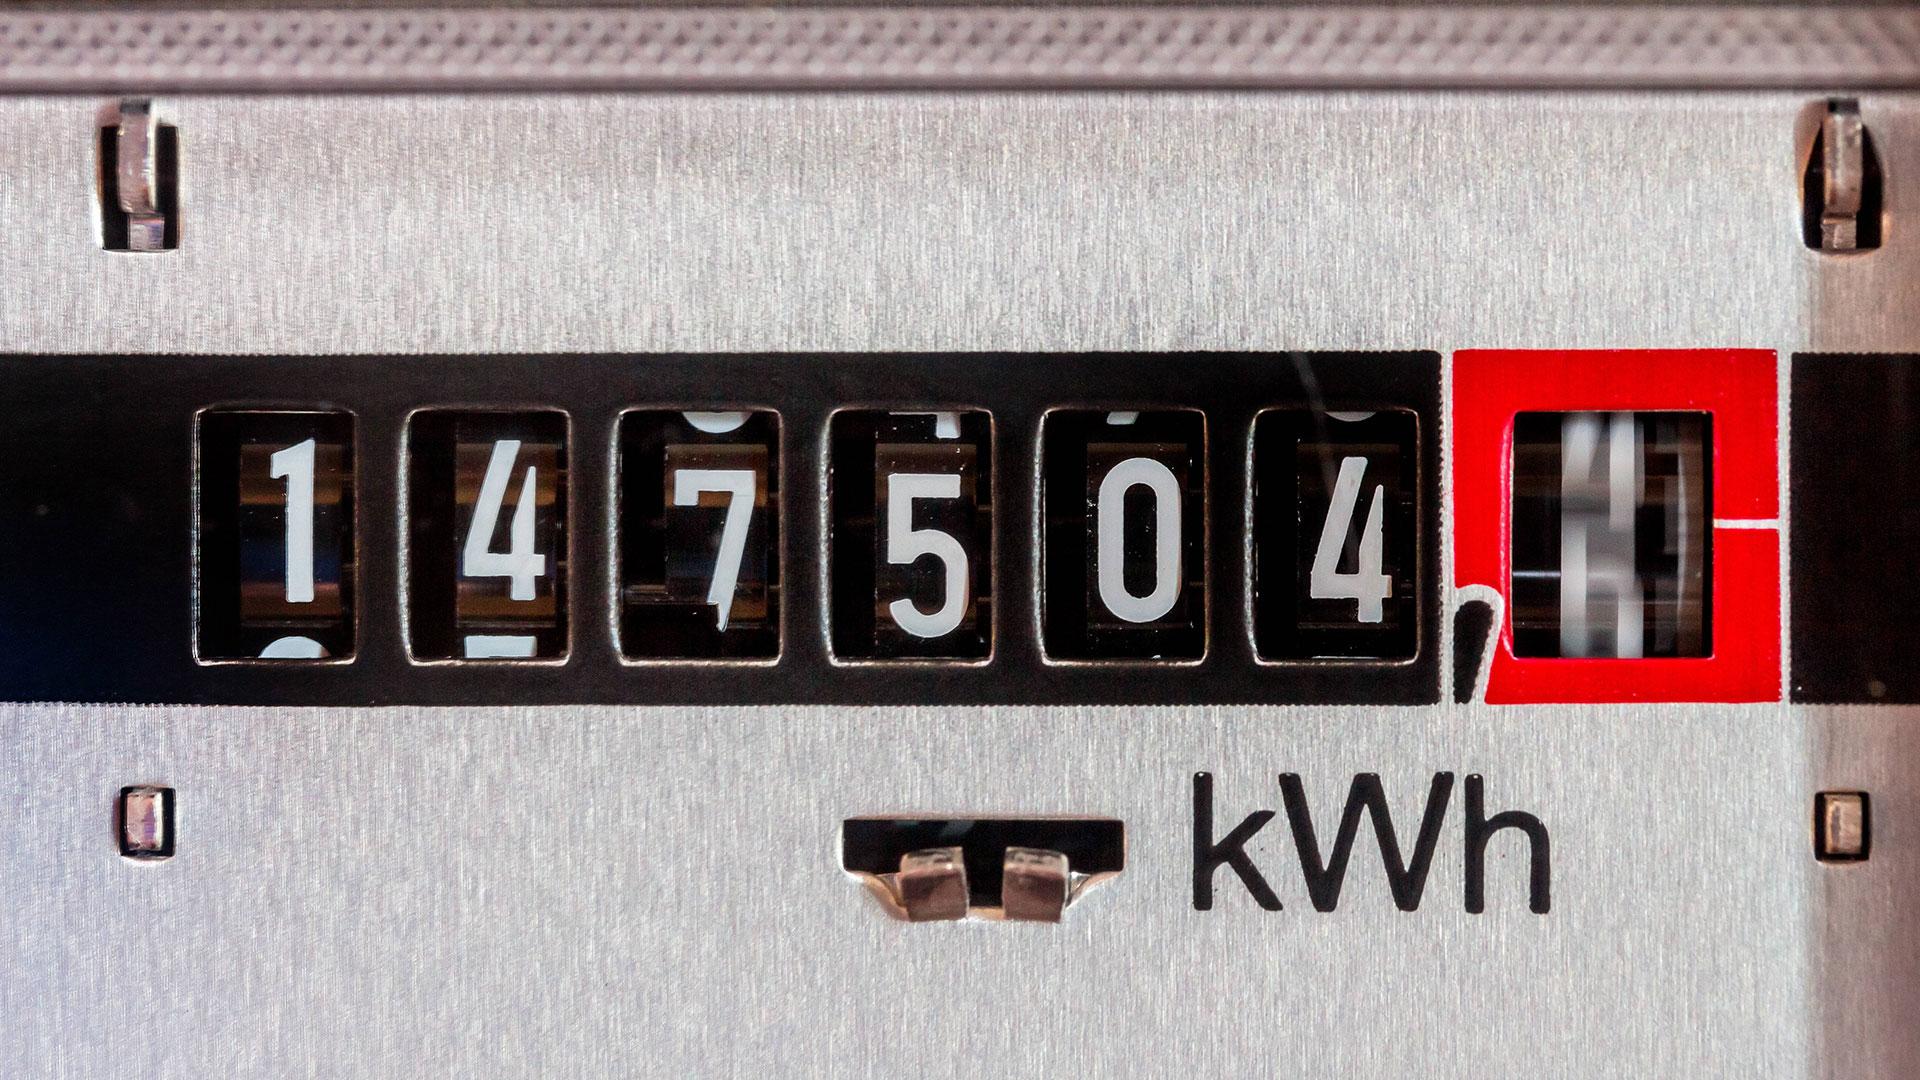 Strom sparen: Stromzähler